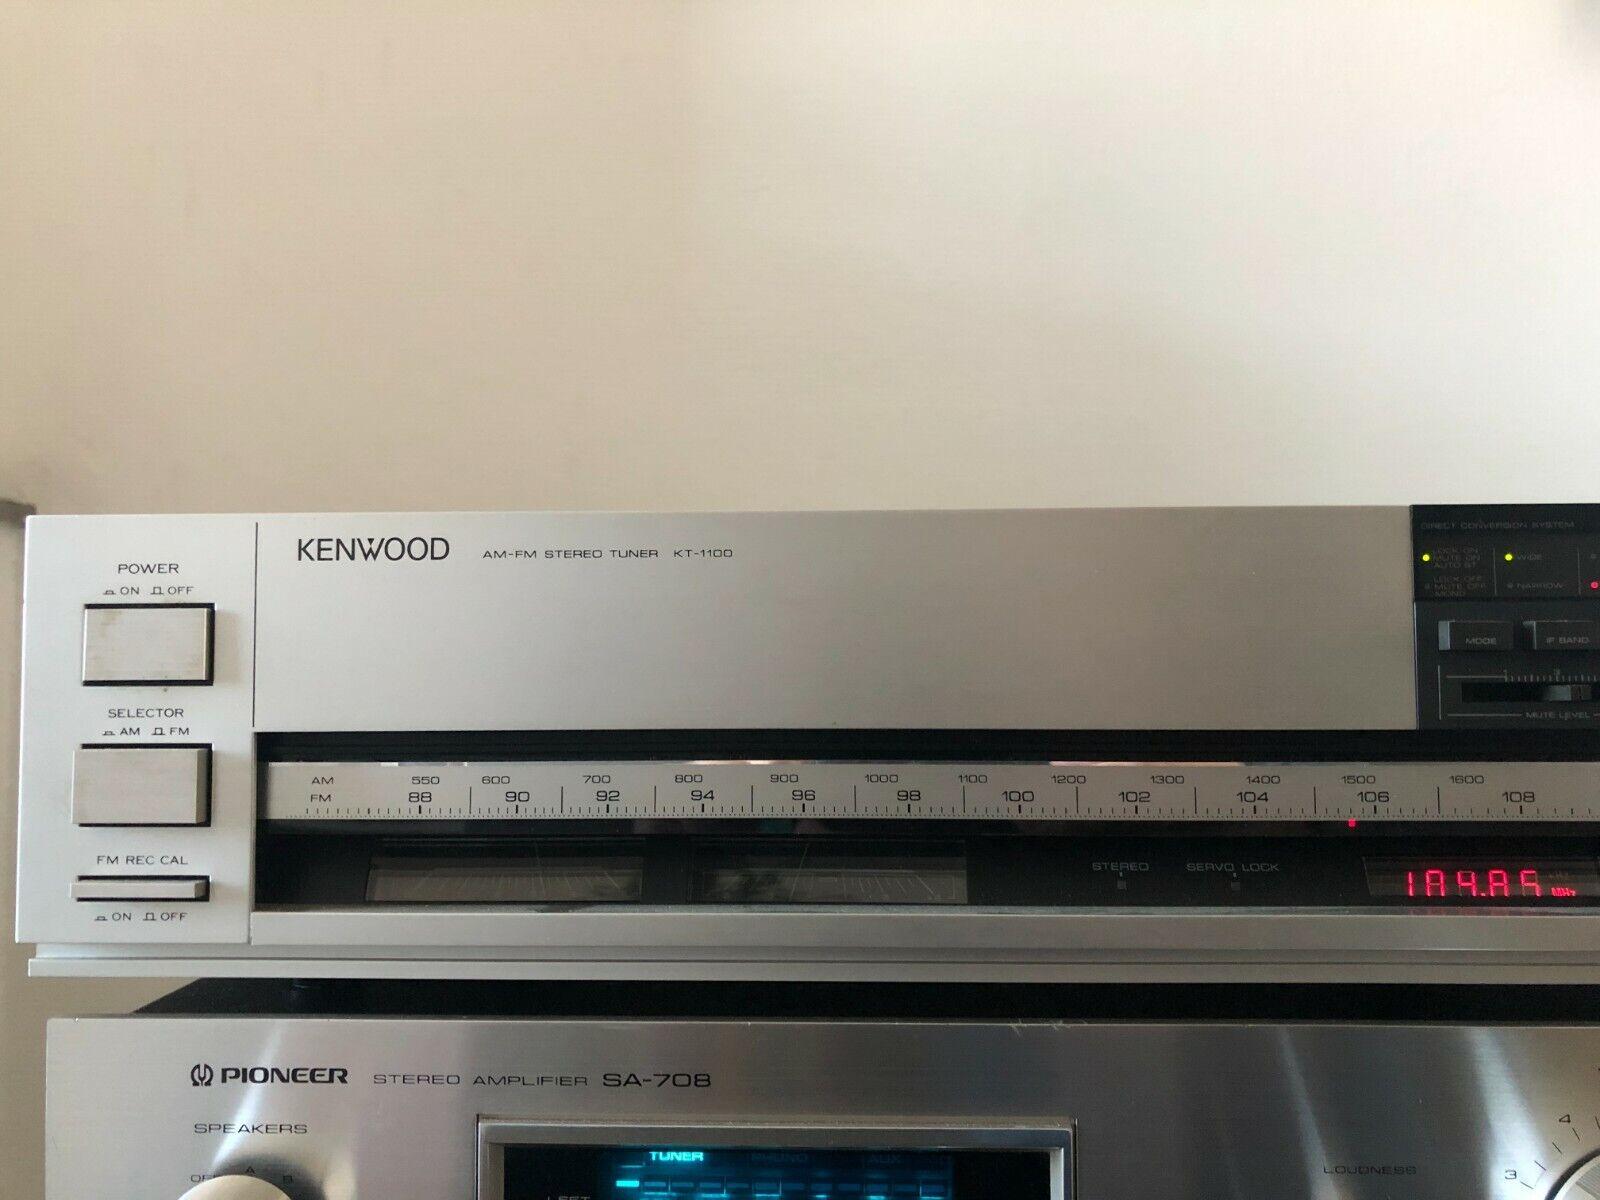 Kenwood KT-1100